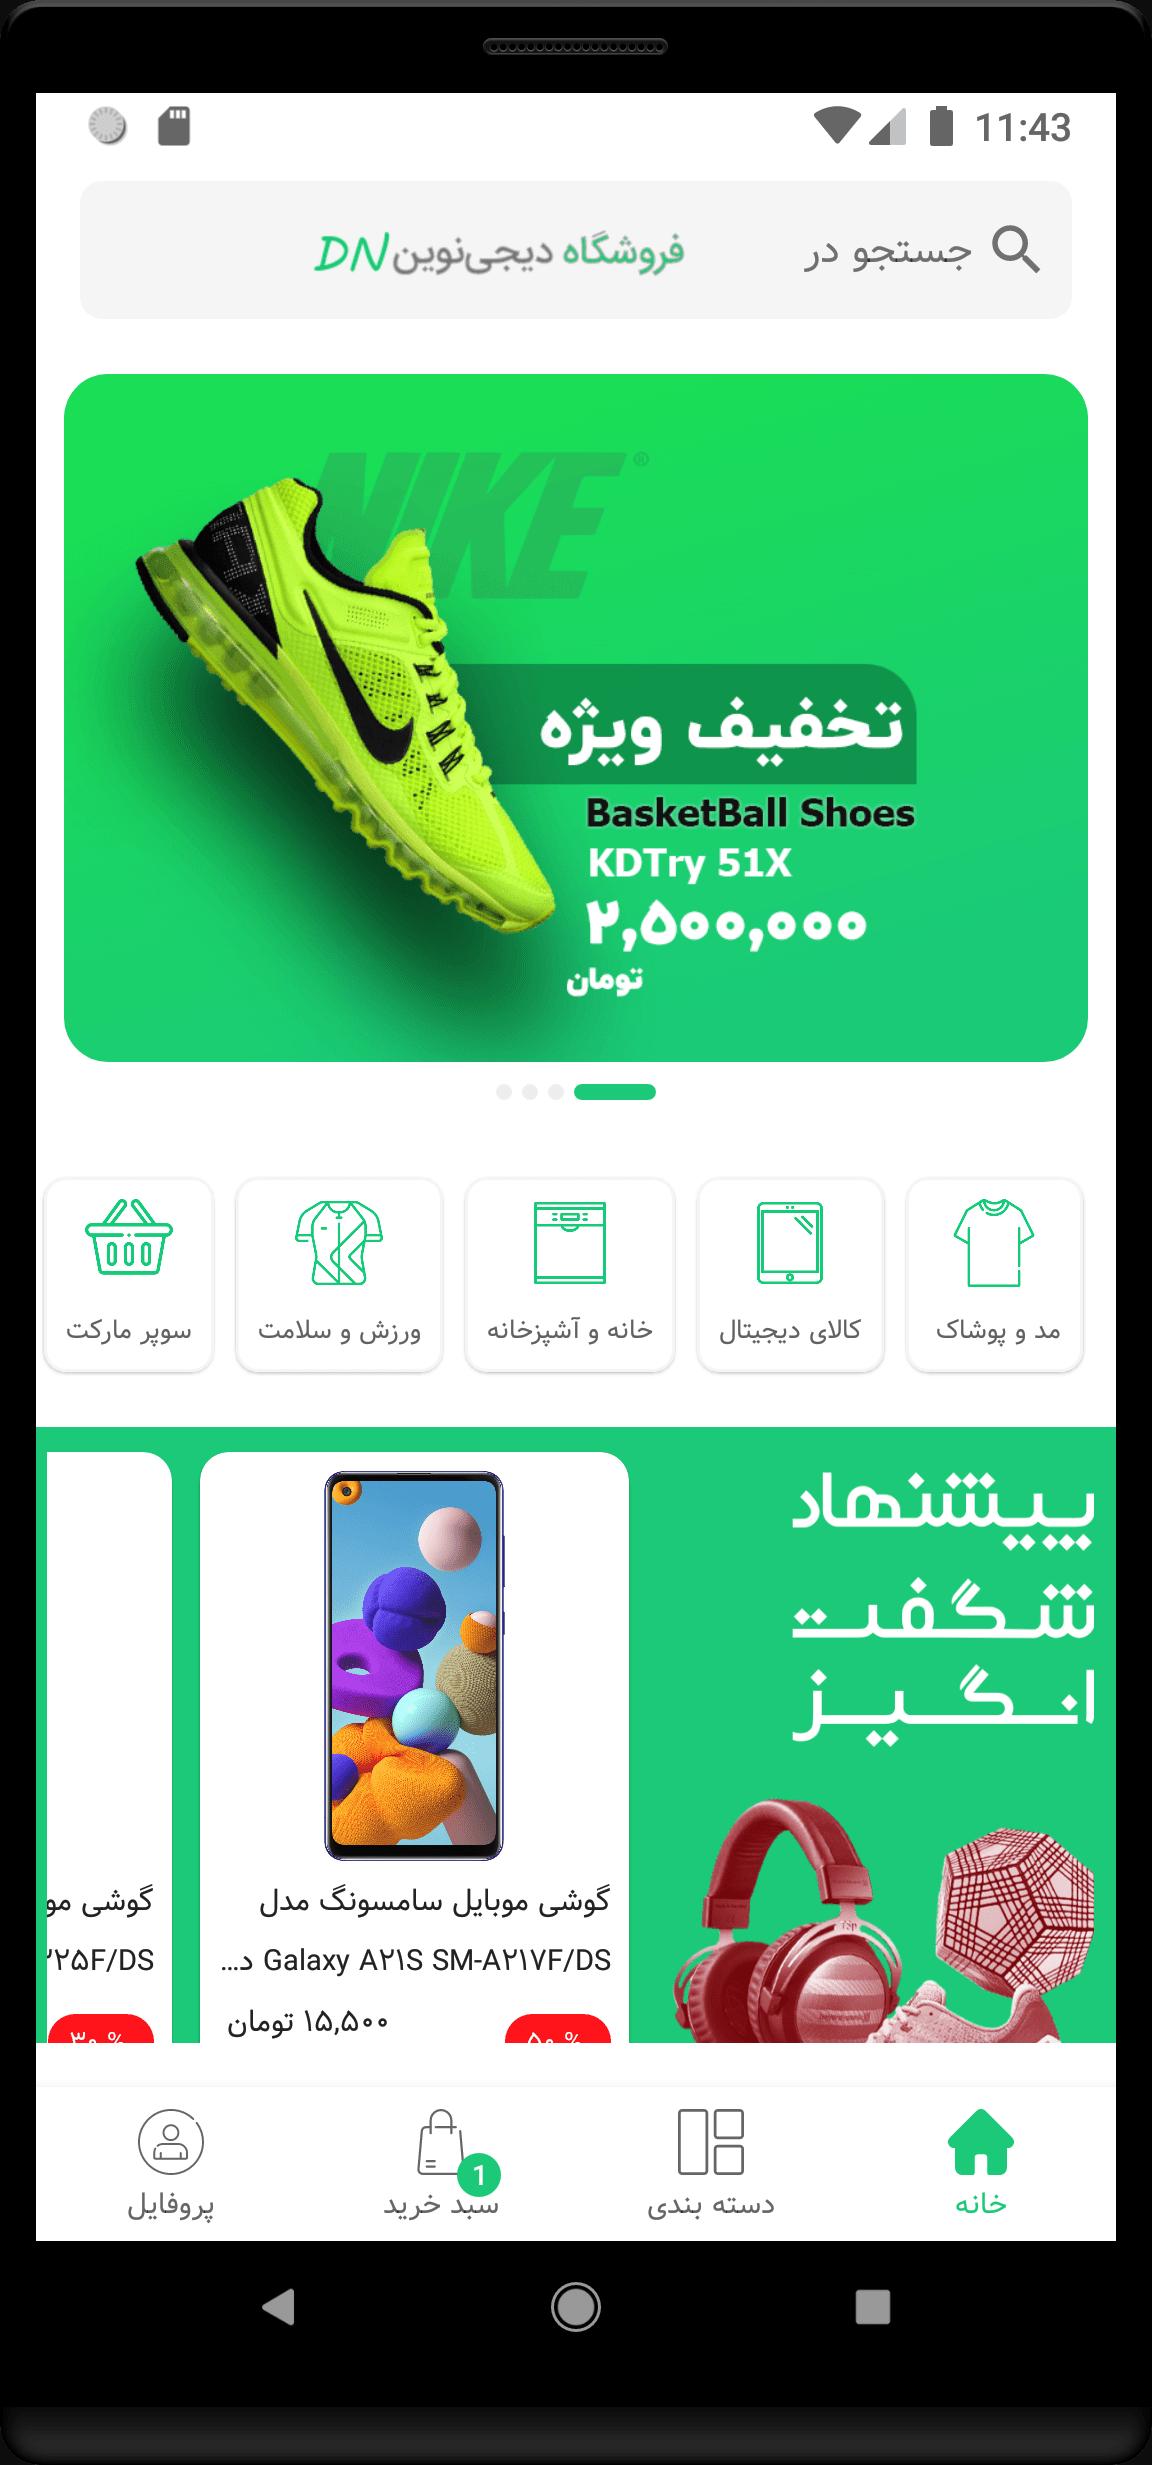 آموزش ساخت اپلیکیشن فروشگاهی